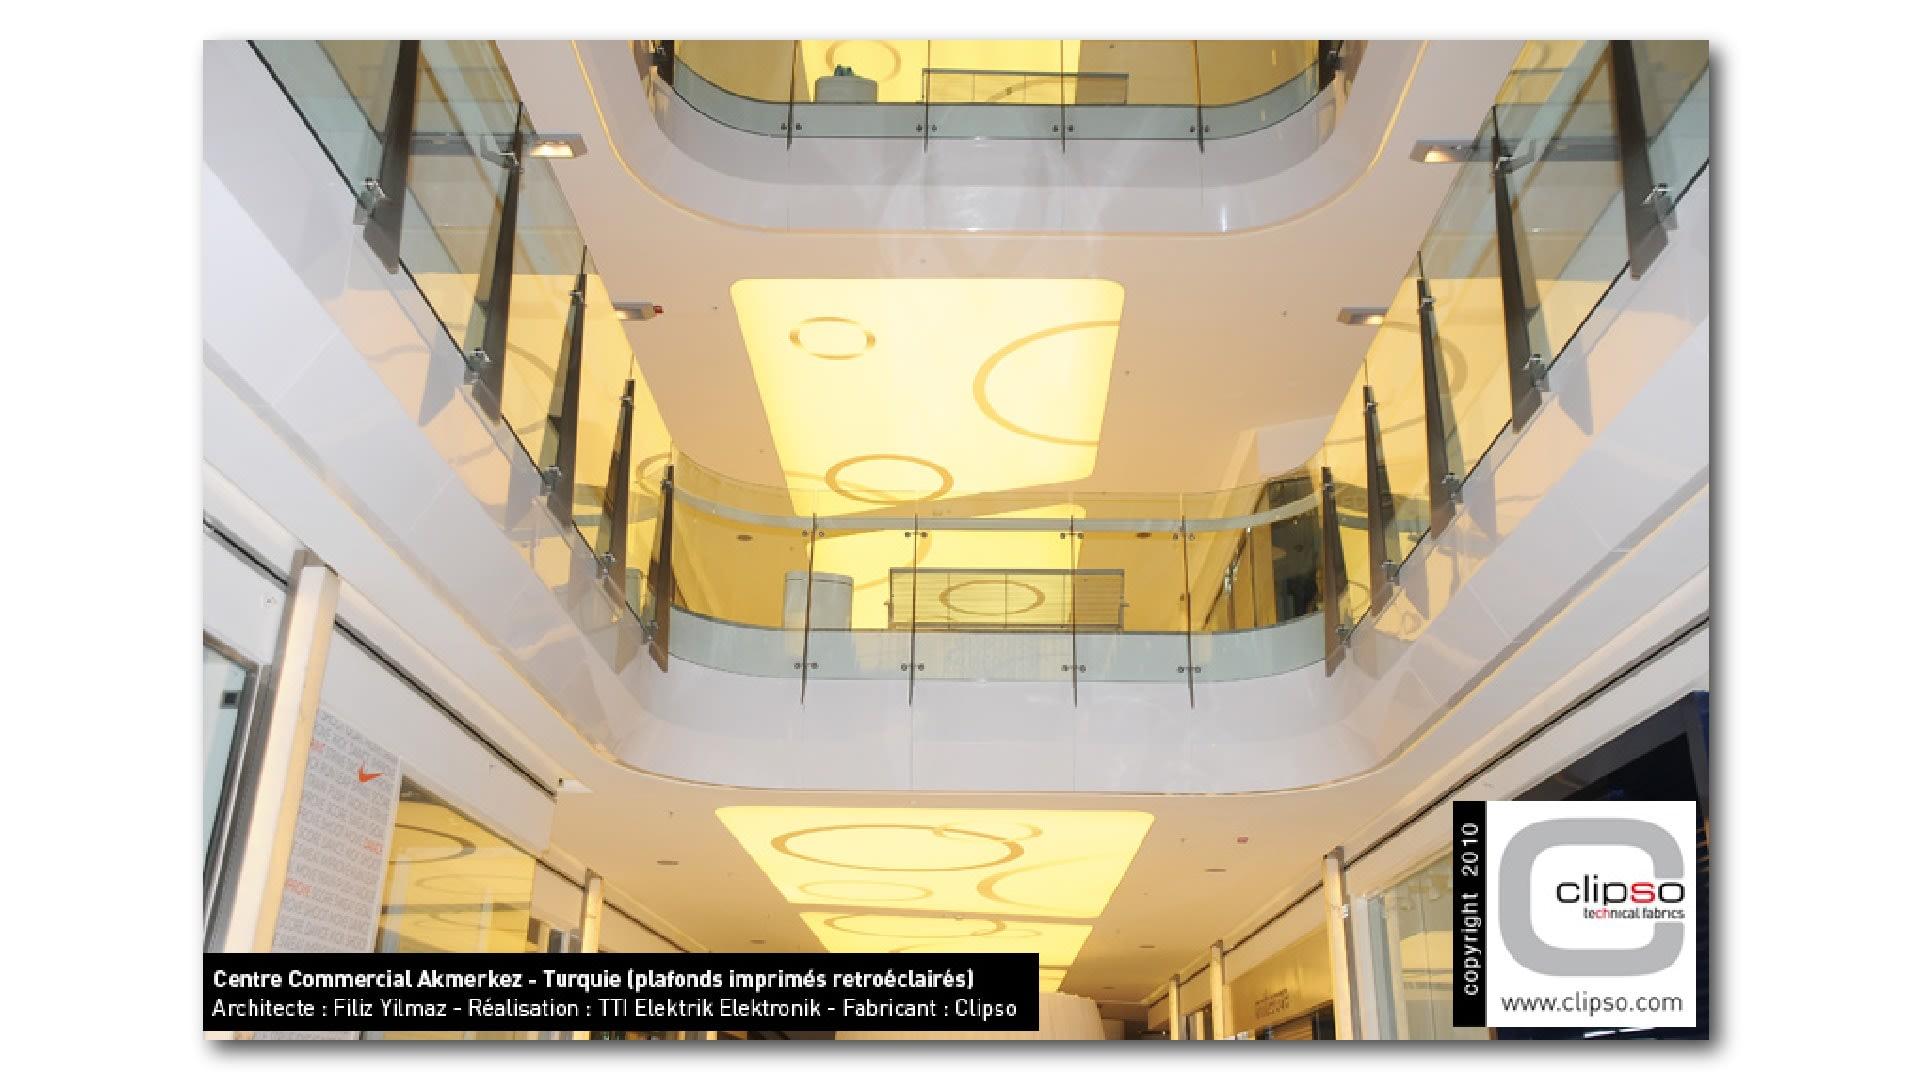 Clipso-Print-transluzent-Einkaufszentrum-01_eltzsv